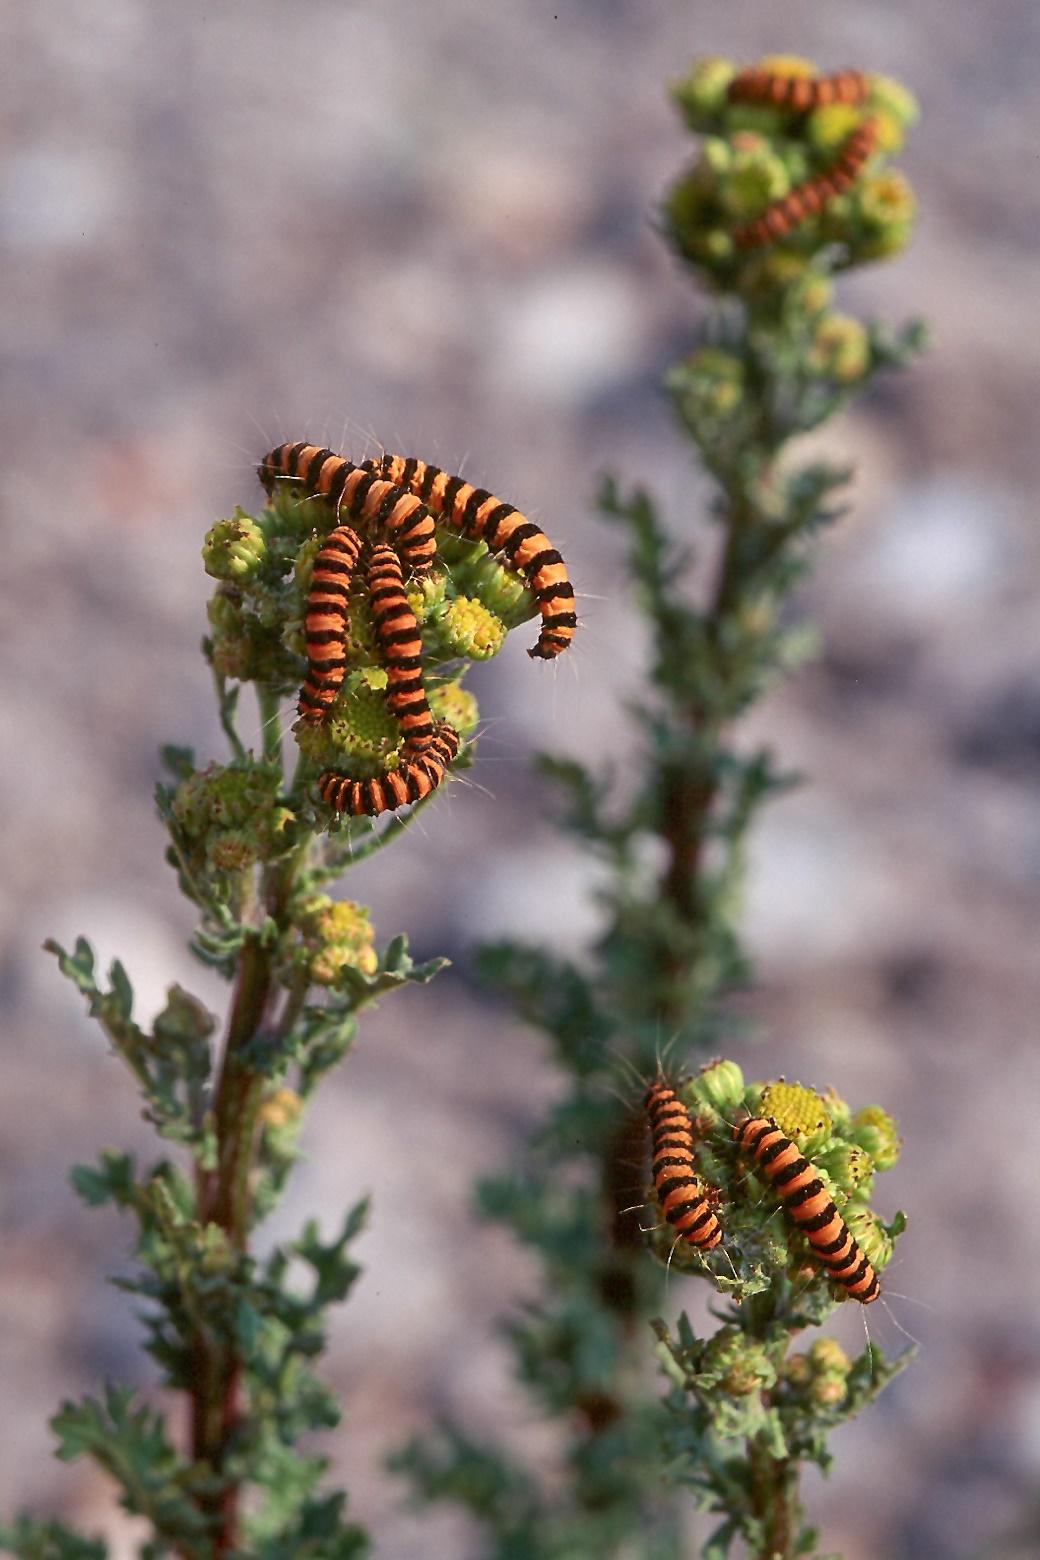 Senecio jacobaea ssp. dunensis